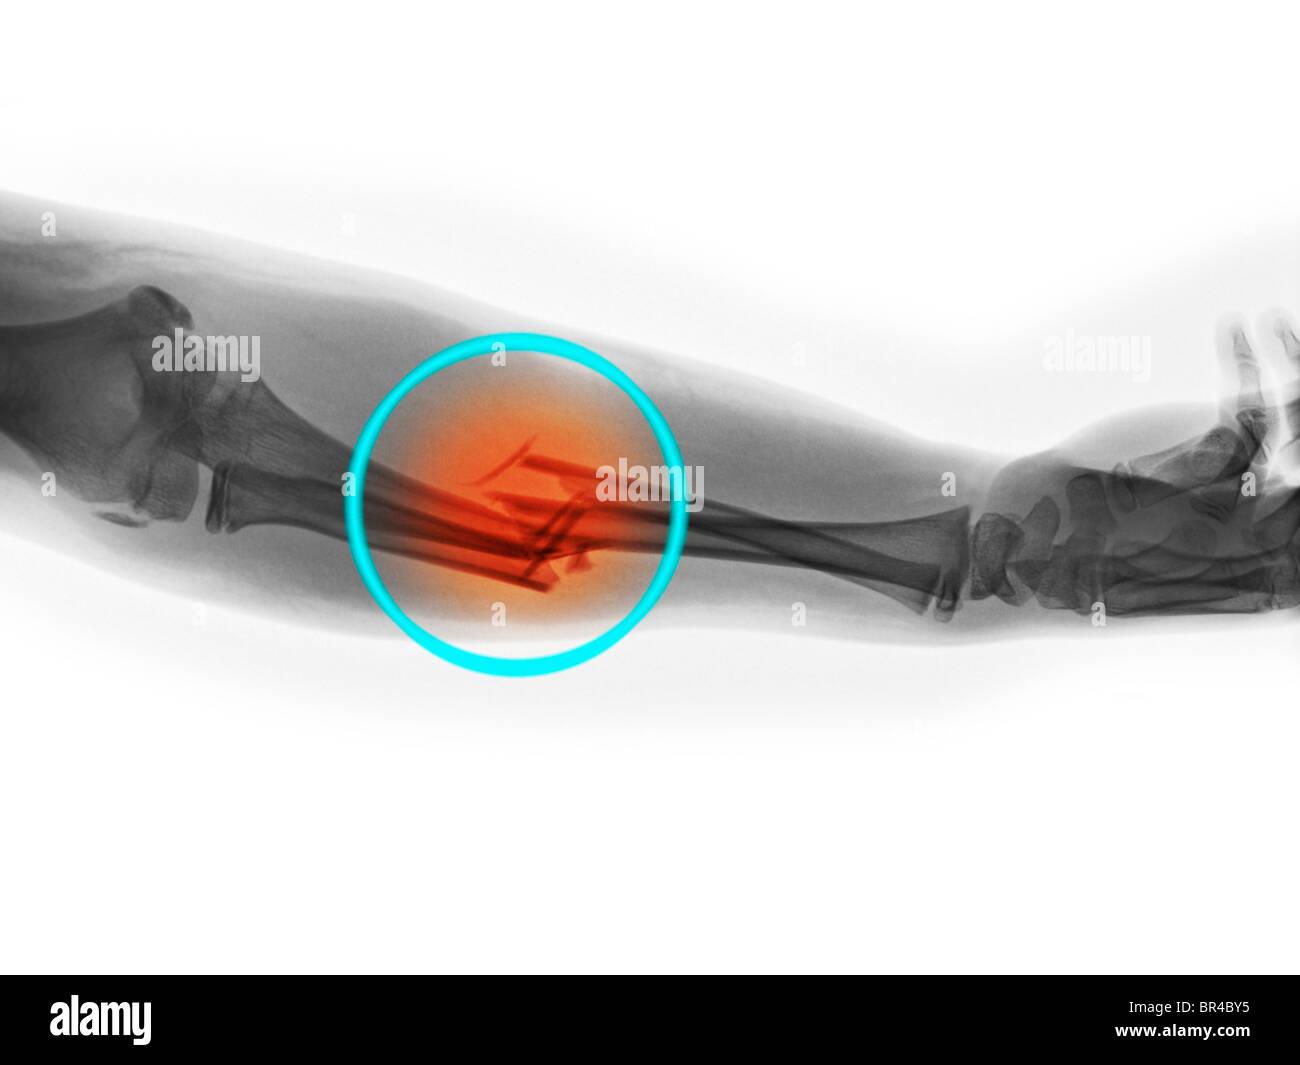 Radiographie d'une fracture de l'avant-bras dans un garçon de 11 ans Banque D'Images